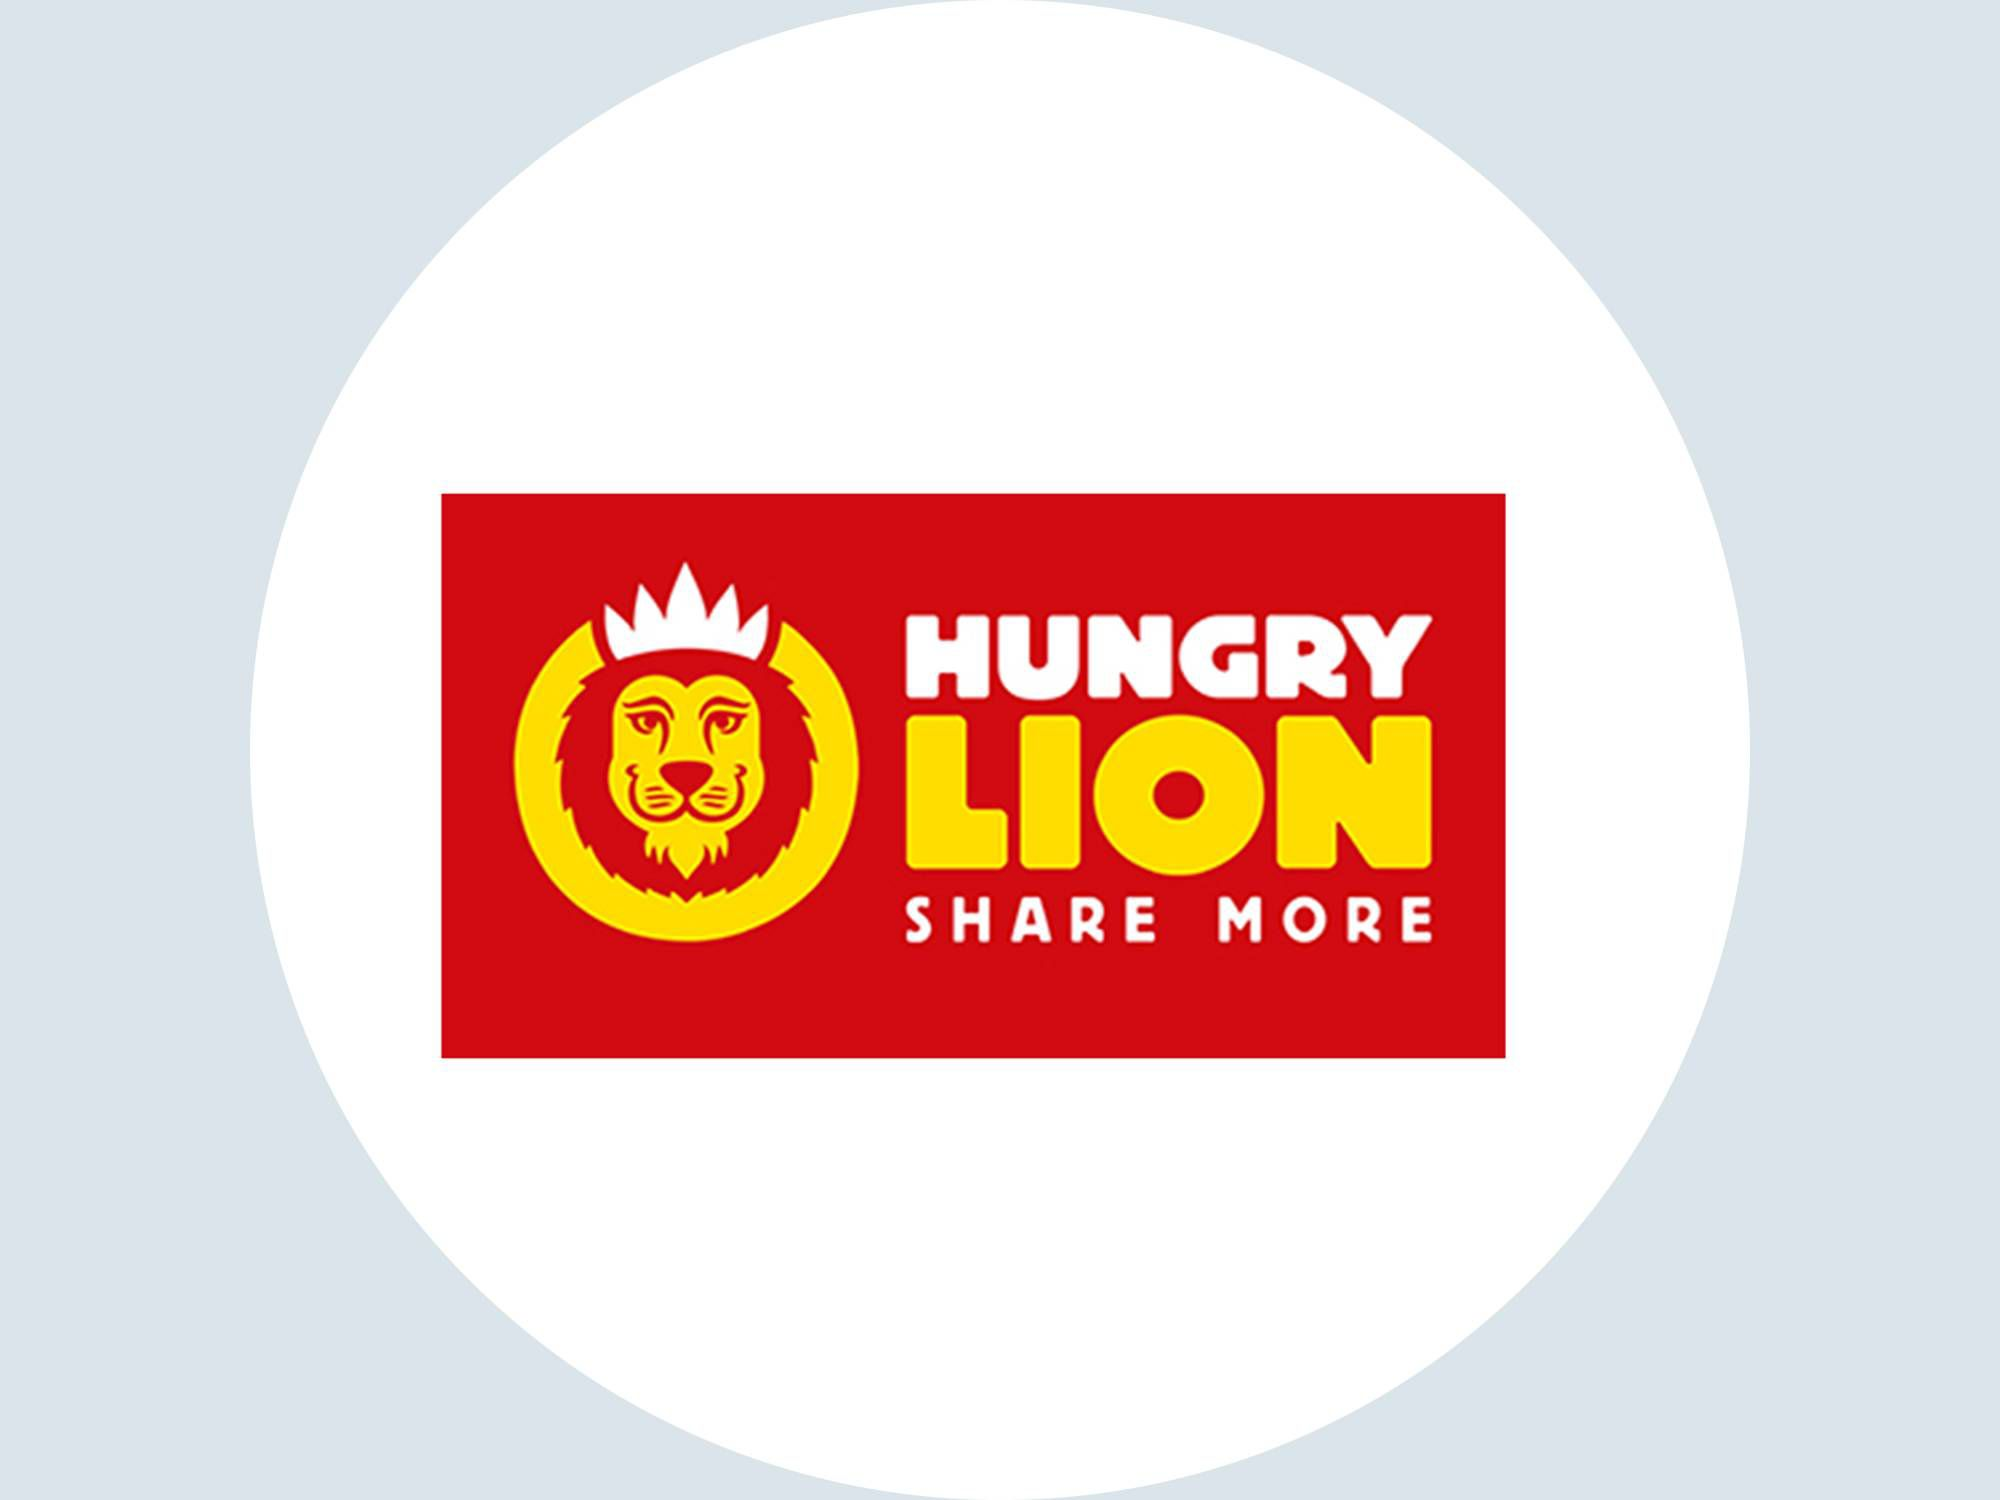 Logo-Hungry-Lion-2000x1500.jpg